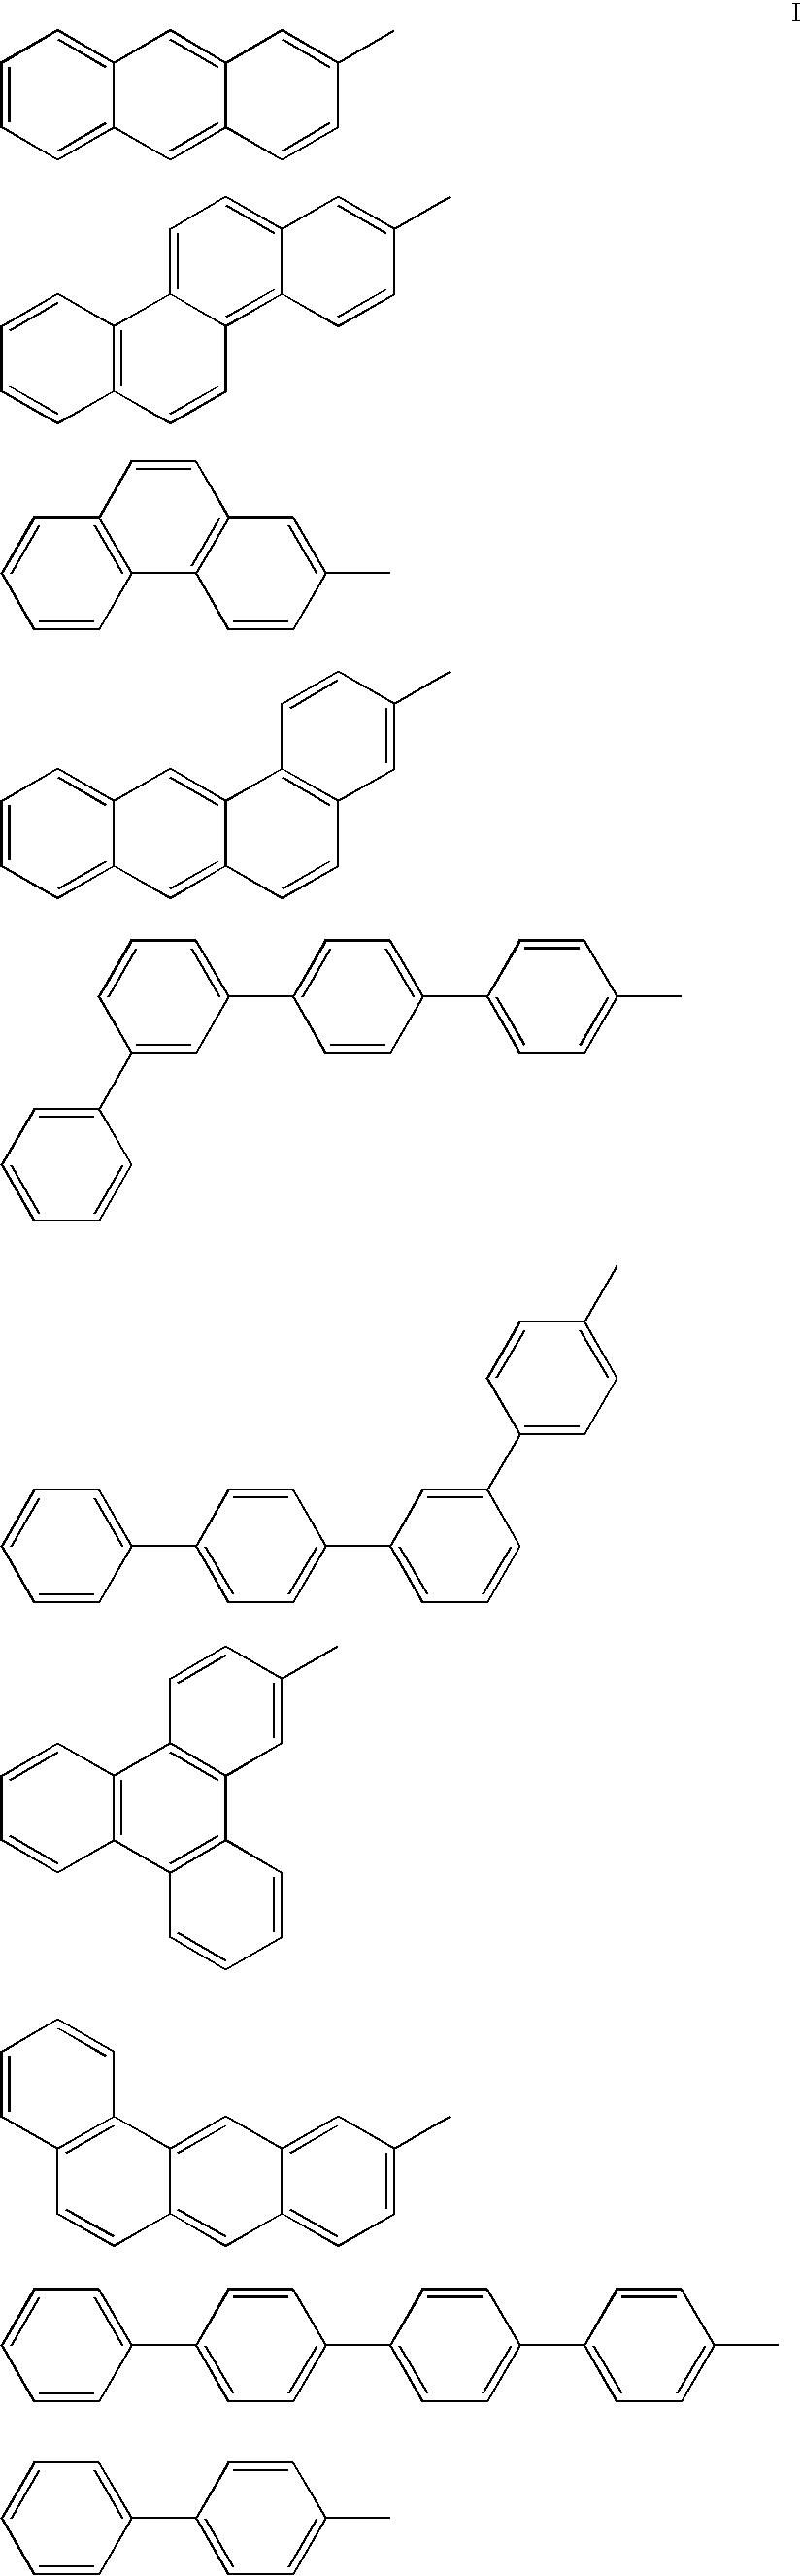 Figure US20040236042A1-20041125-C00003